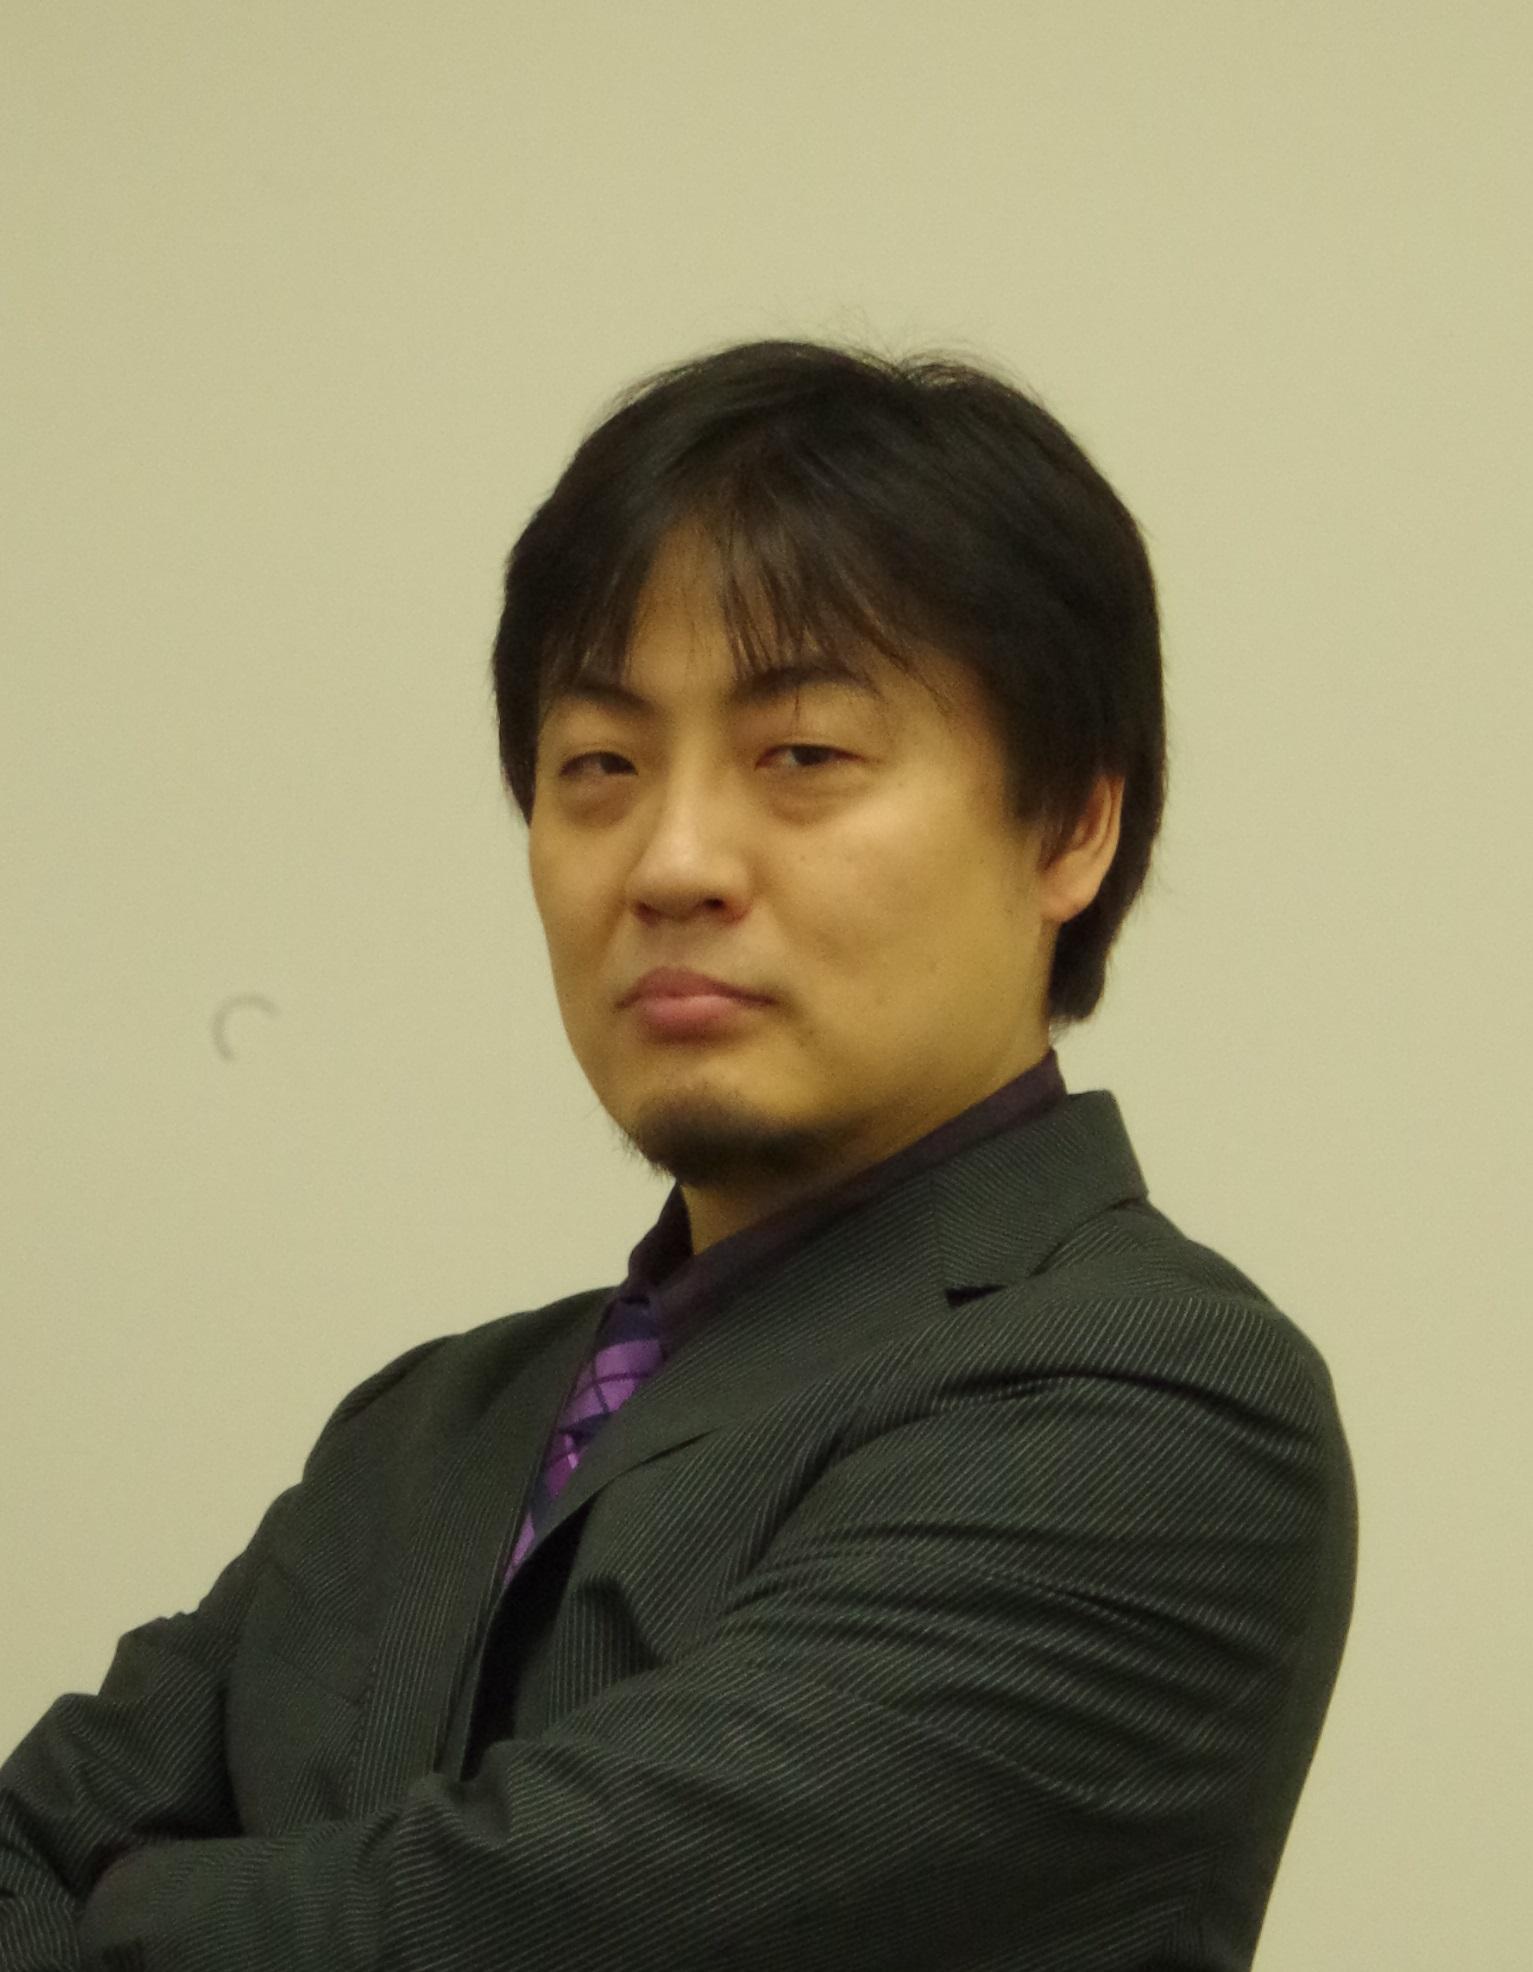 鈴木 たろう